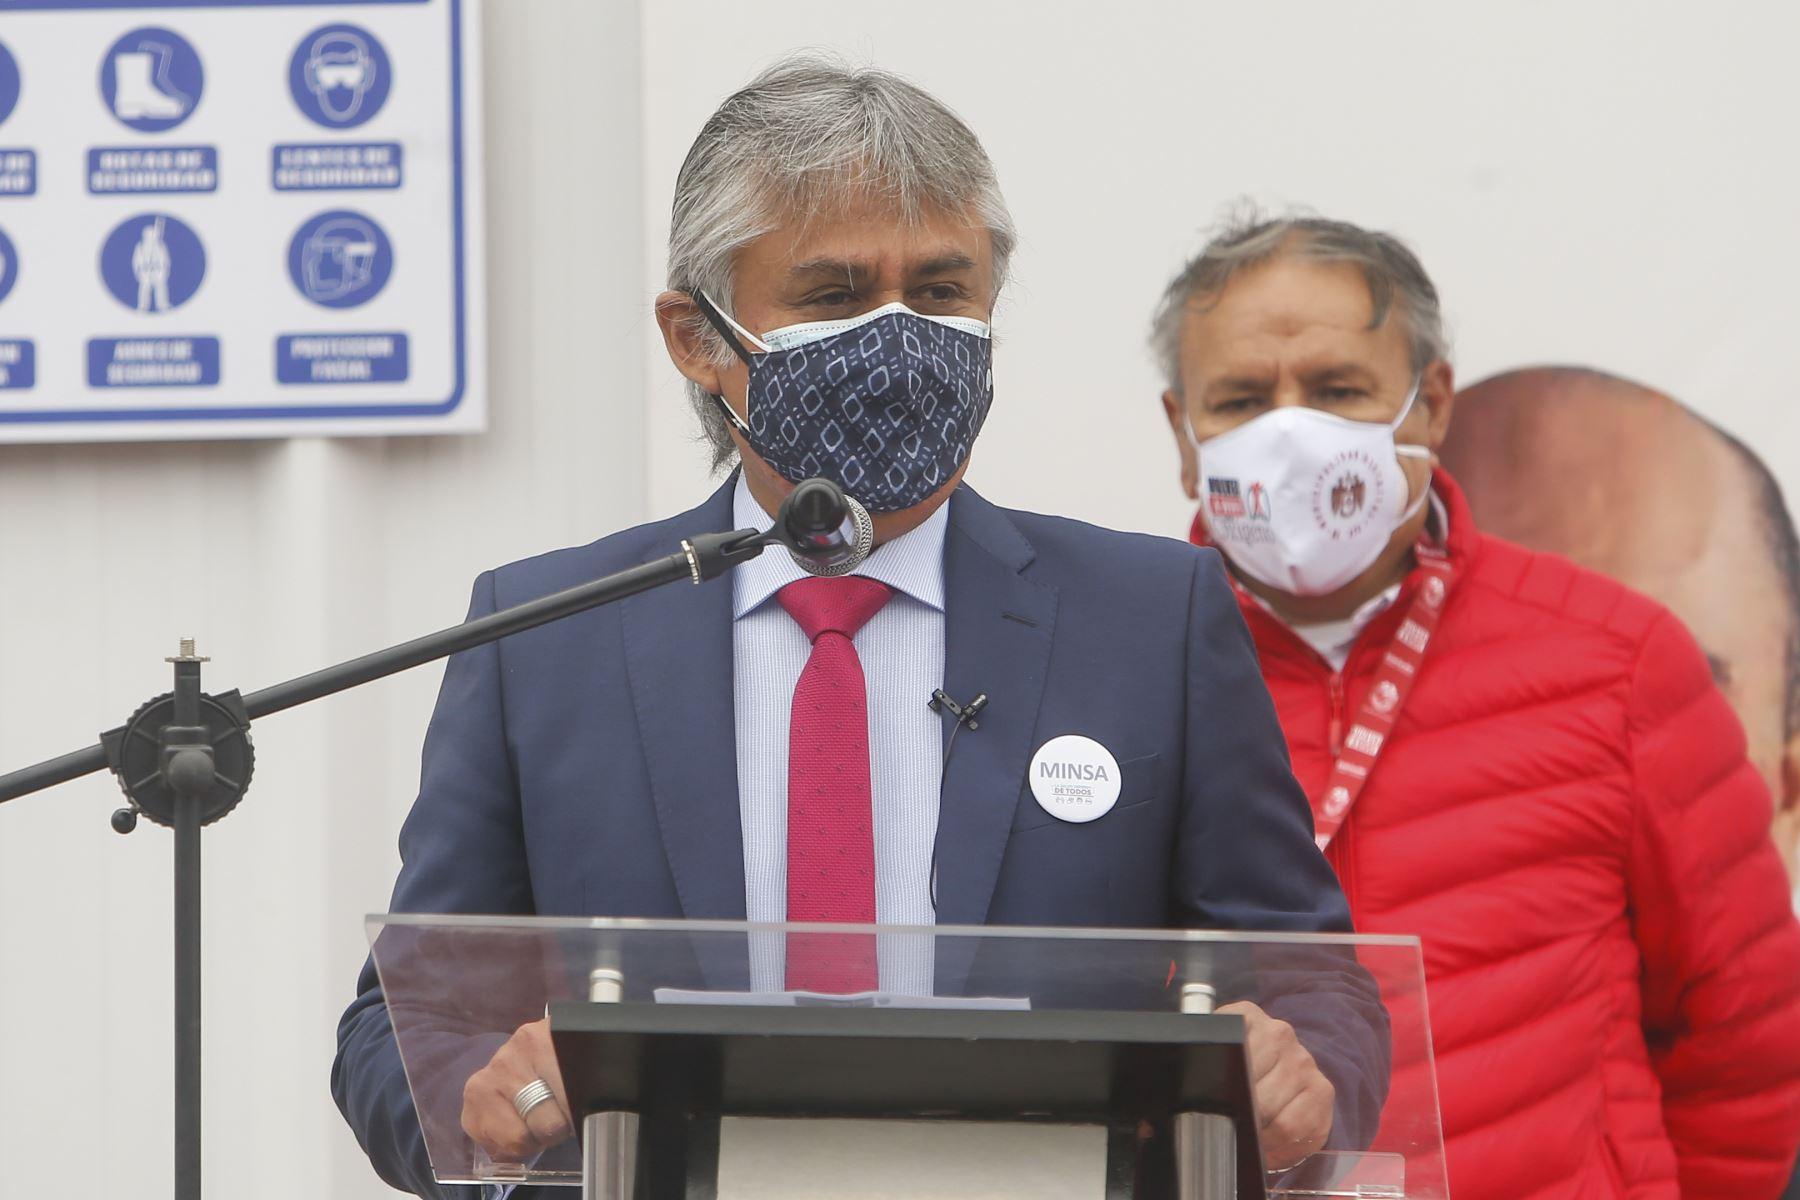 Viceministro del Minsa, Bernardo Ostos, encabeza brigada médica que vijaó hoy a Arequipa para fortalecer lucha contra la covid-19. ANDINA/Difusión